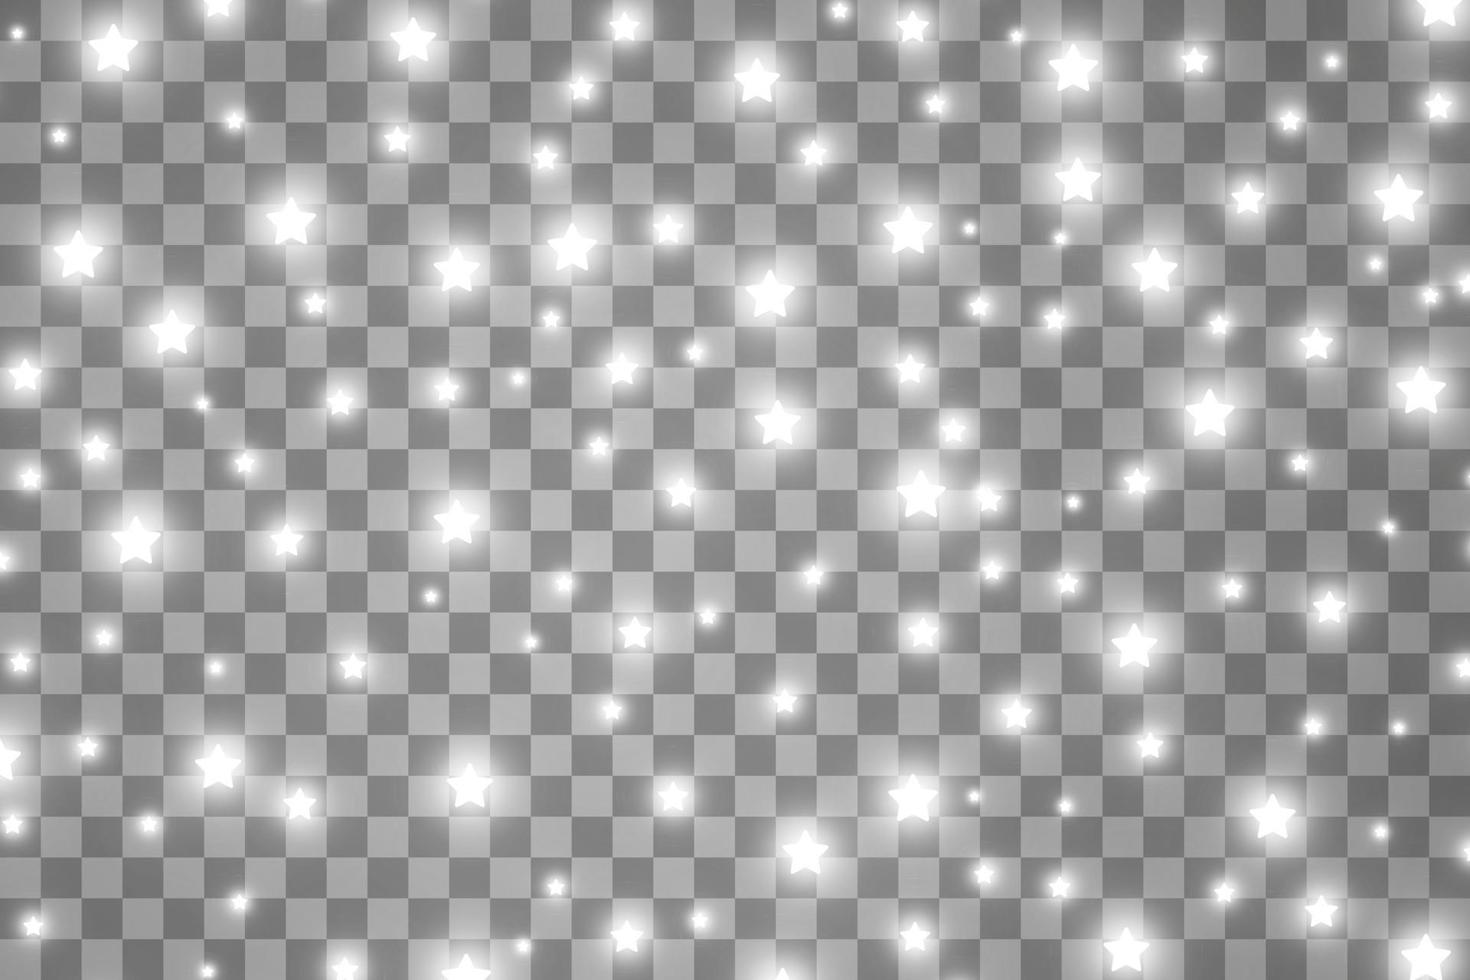 dammgnistor och vita stjärnor lyser med speciellt ljus. vektor gnistrar bakgrund. jul ljuseffekt. gnistrande magiska dammpartiklar.